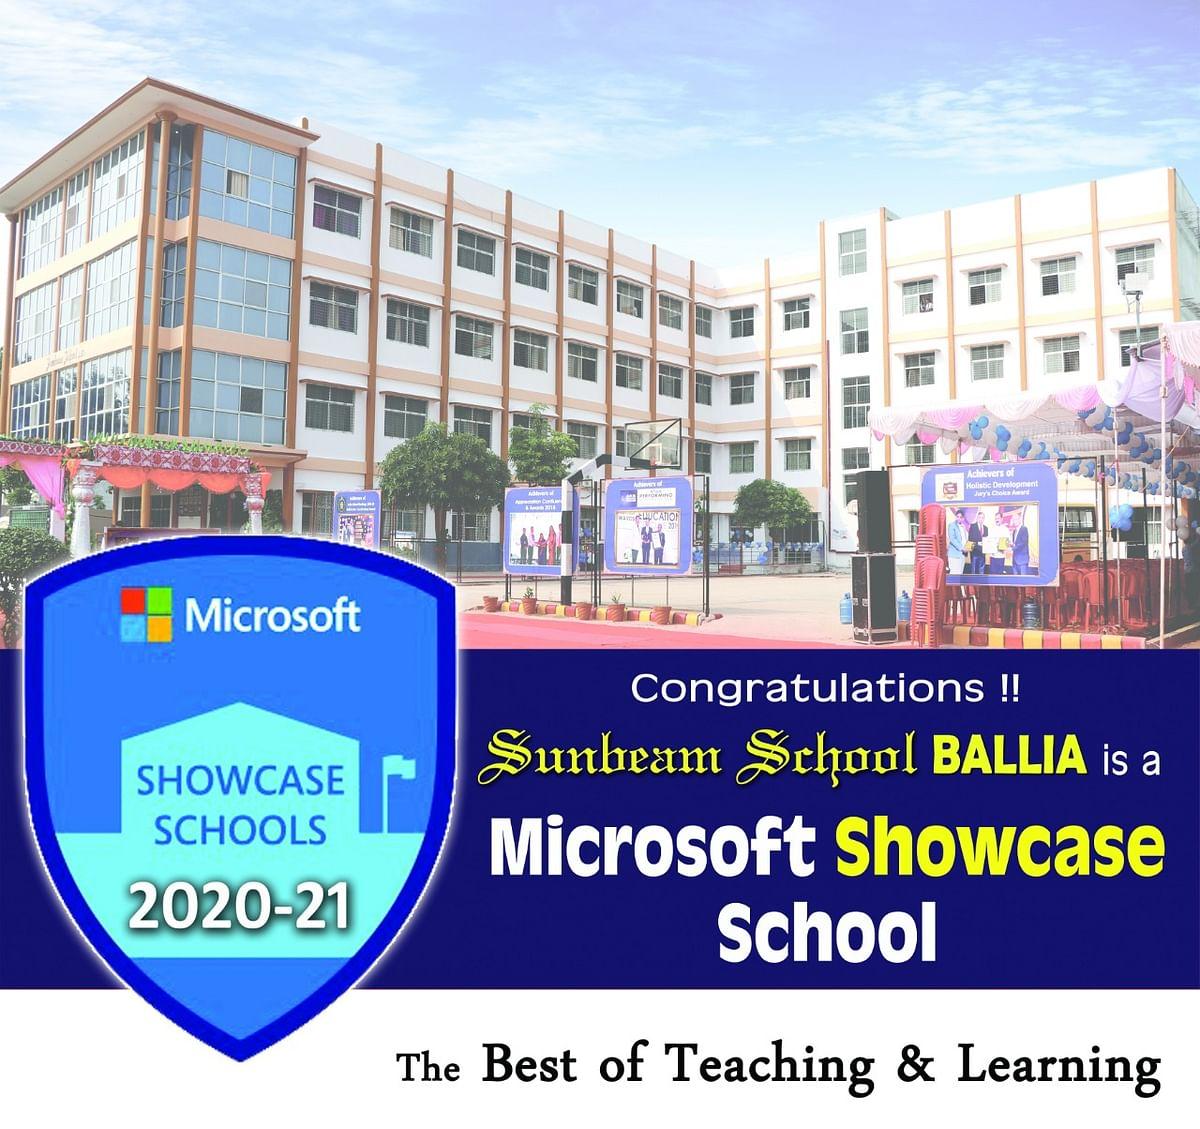 सनबीम स्कूल बना बलिया का पहला माइक्रोसॉफ्ट शोकेस सर्टिफाइड स्कूल